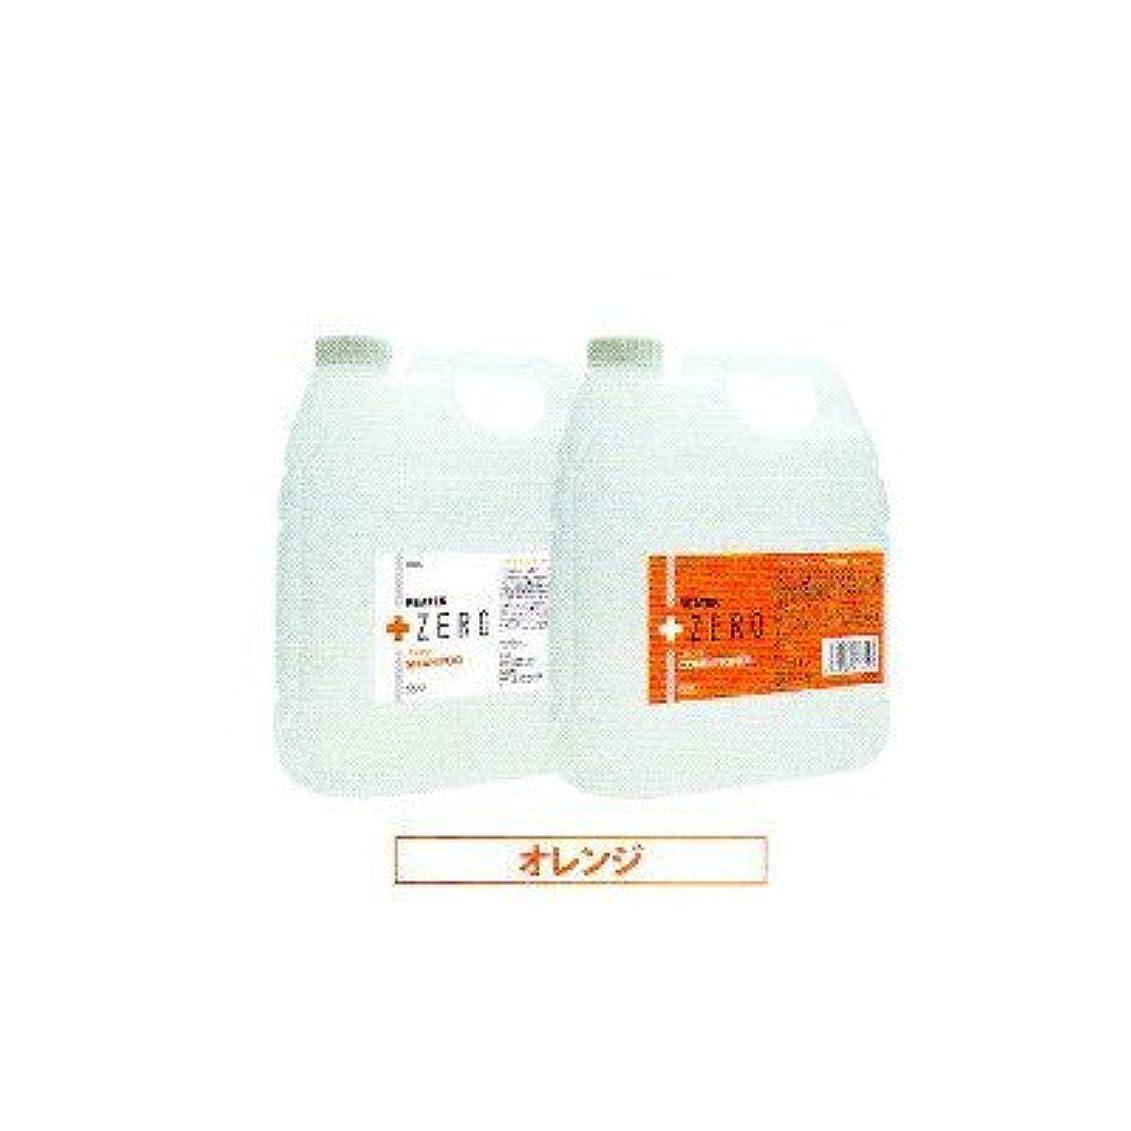 生理郵便番号安定したリアテクシャンプープラスゼロオレンジ4000ml